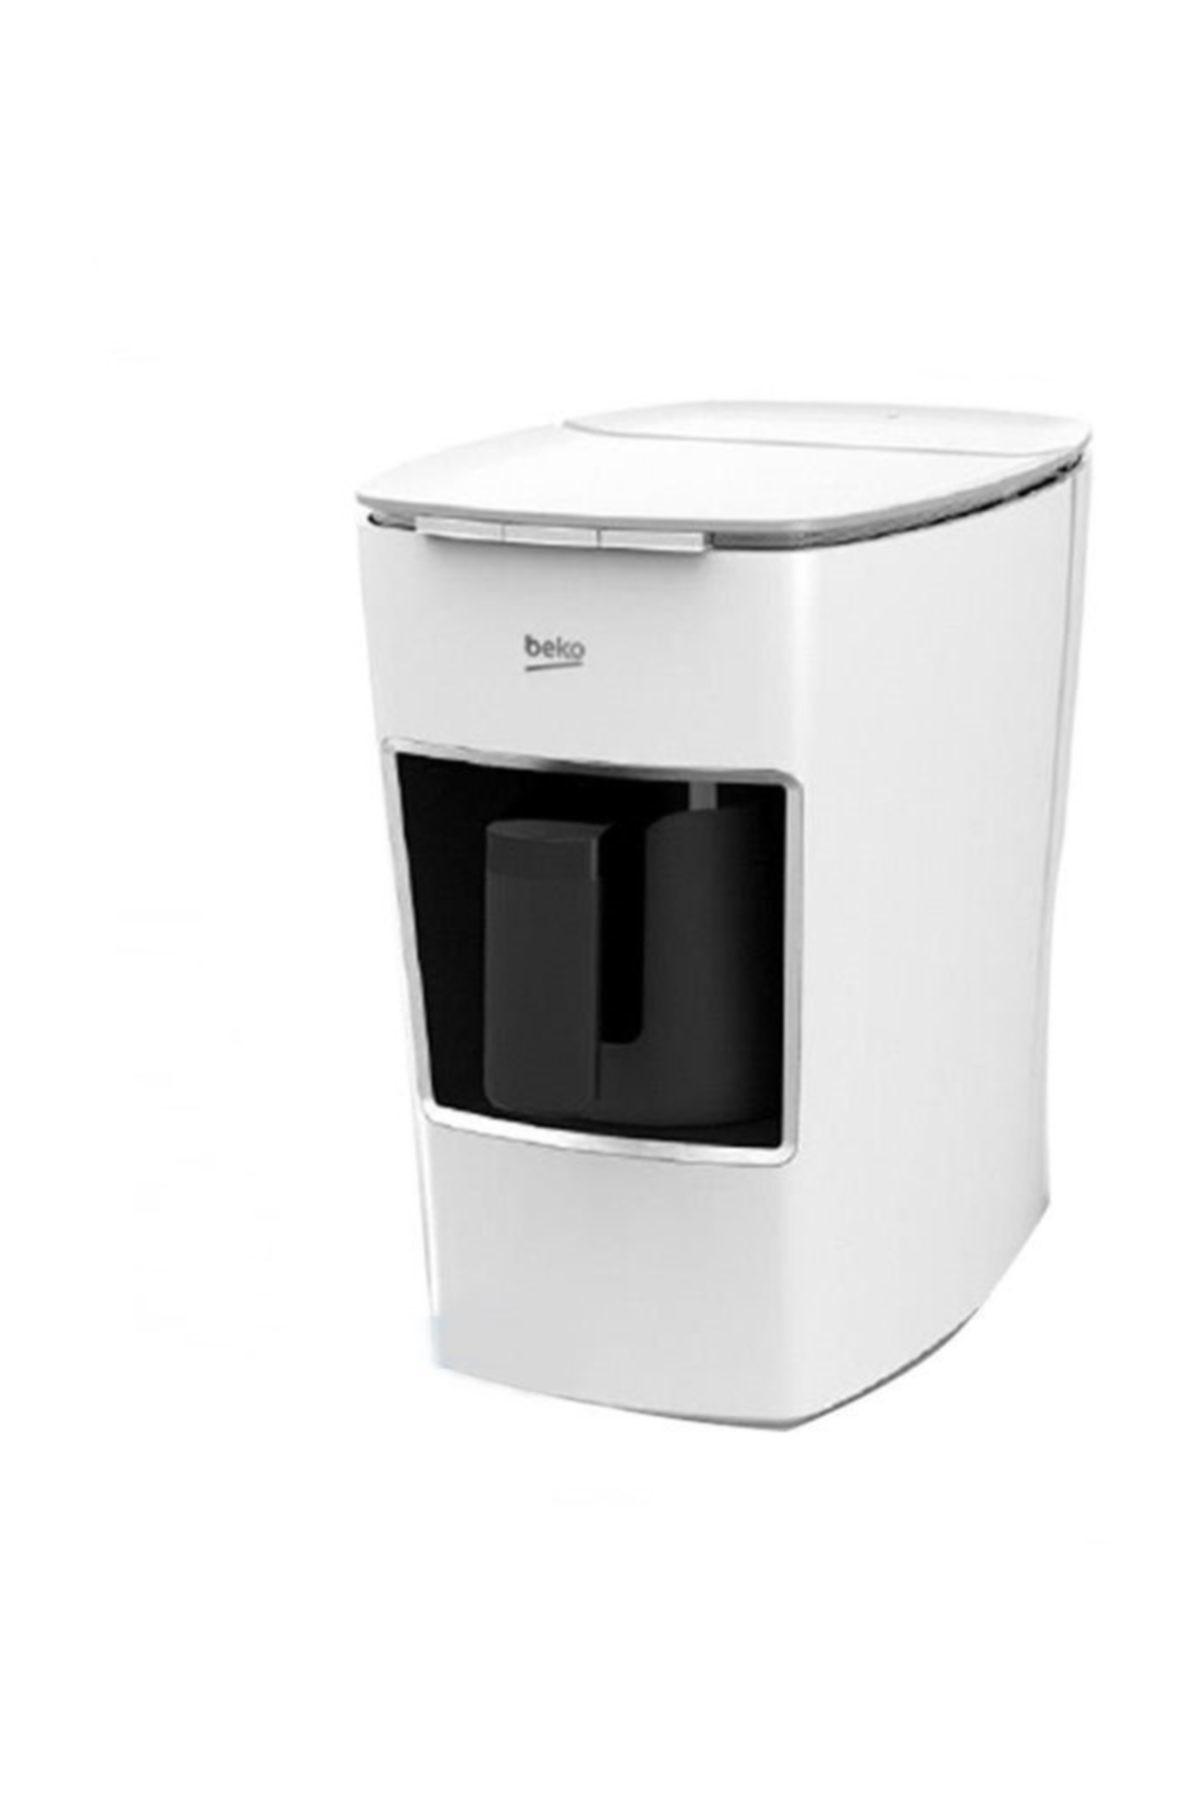 Bkk 2400 Beyaz Türk Kahve Makinesi